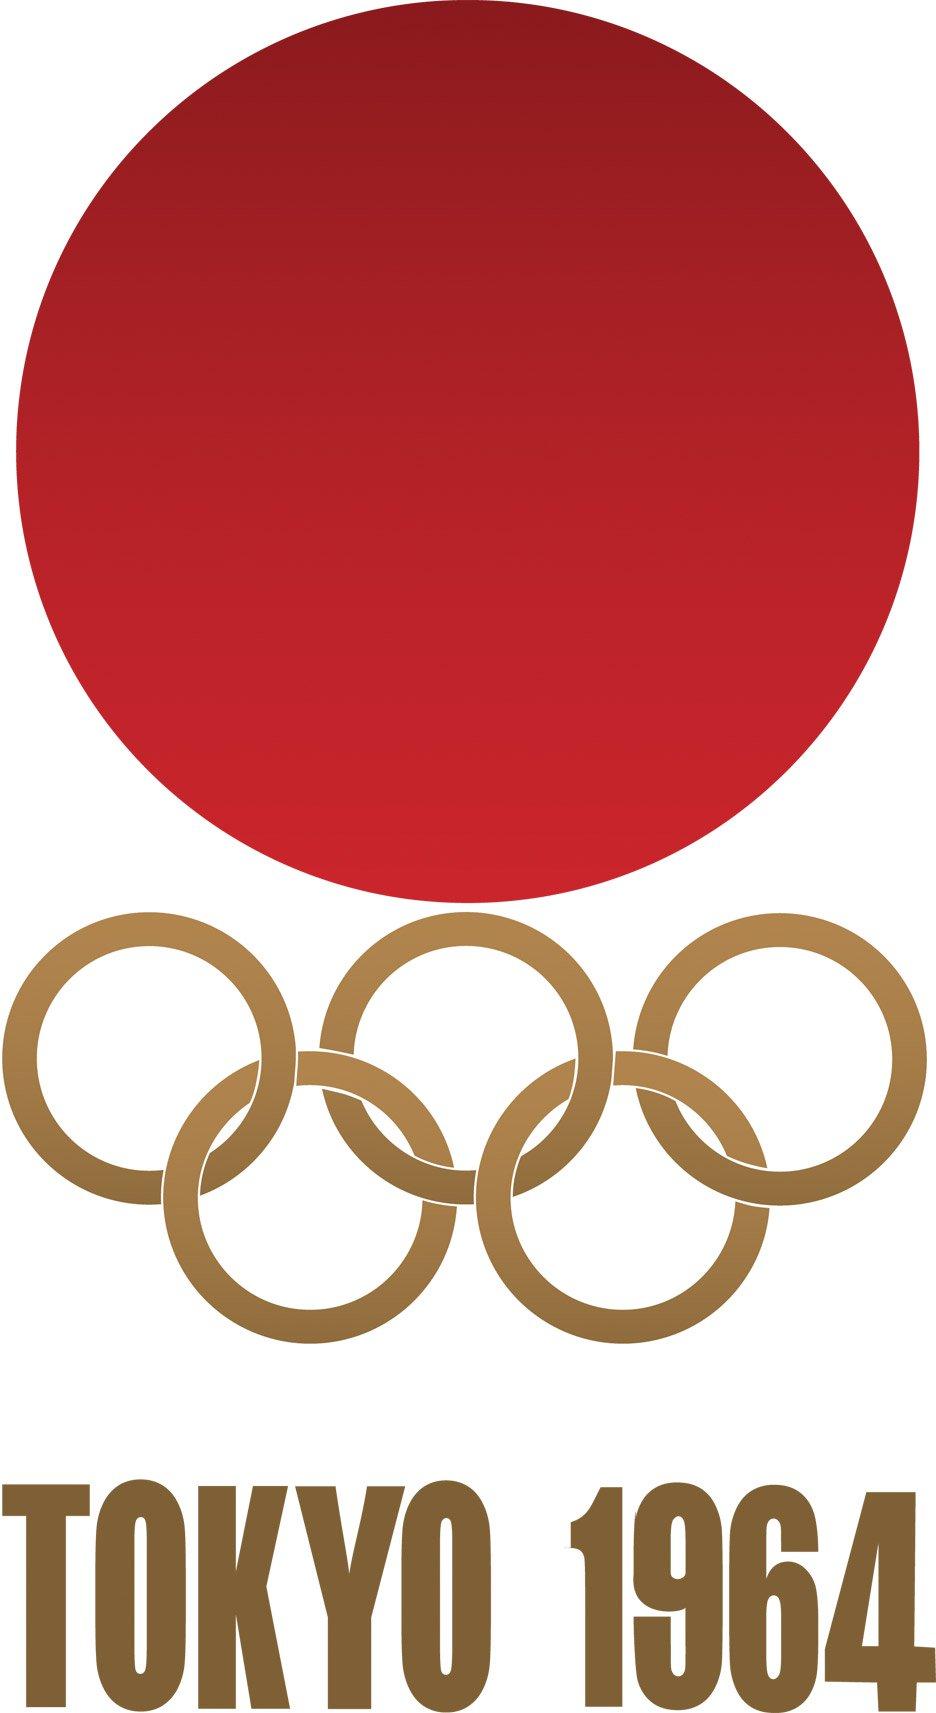 طراحی لوگو توکیو ۱۹۶۴